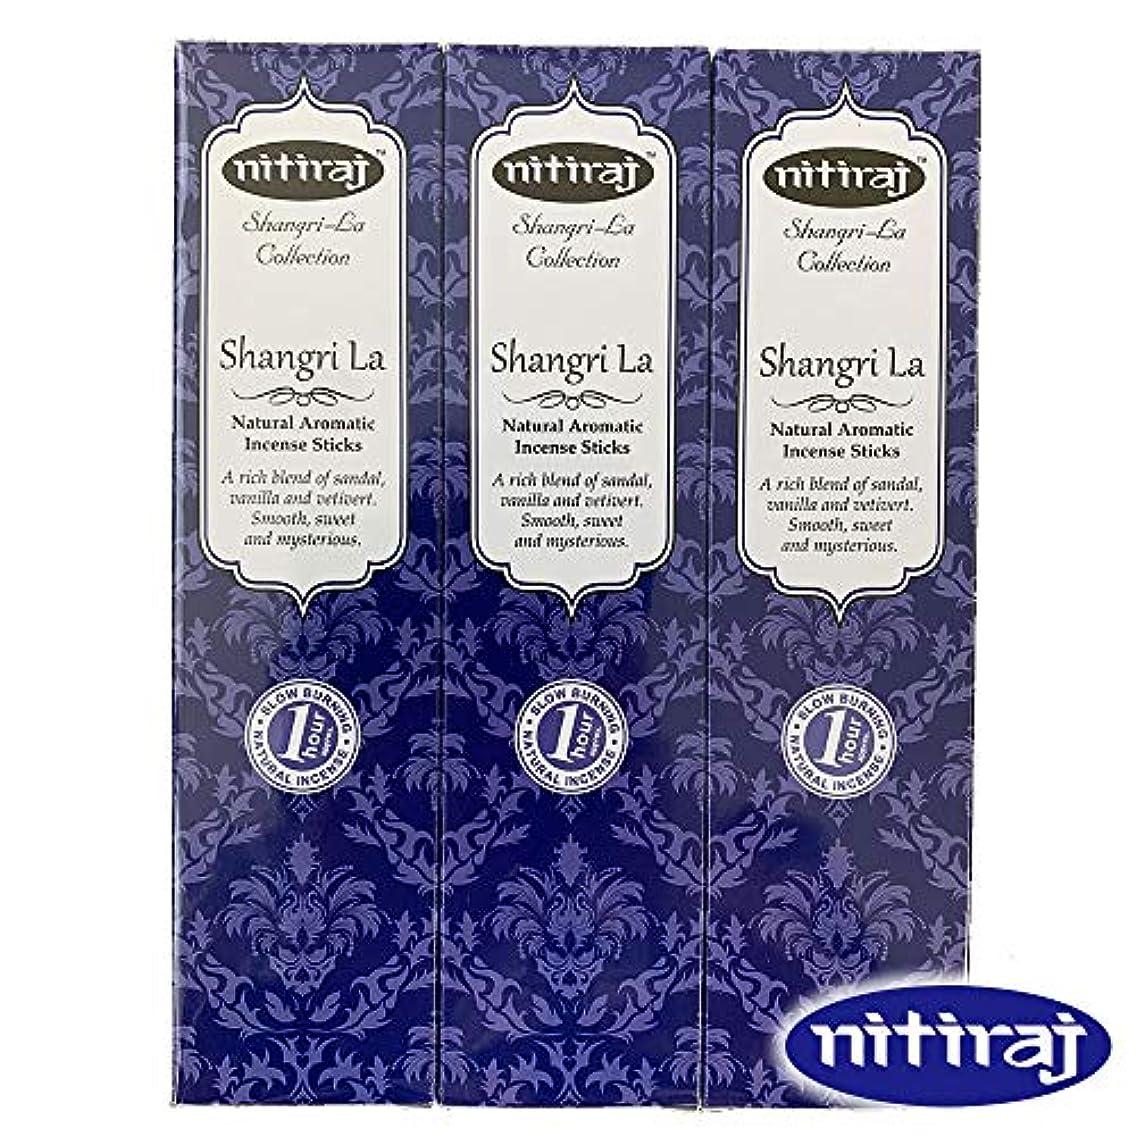 主人性格楽しむお香 アロマインセンス Nitiraj(ニティラジ)一番人気の香り シャングリ?ラ 3箱セット(30本/1箱10本入り)100%天然素材